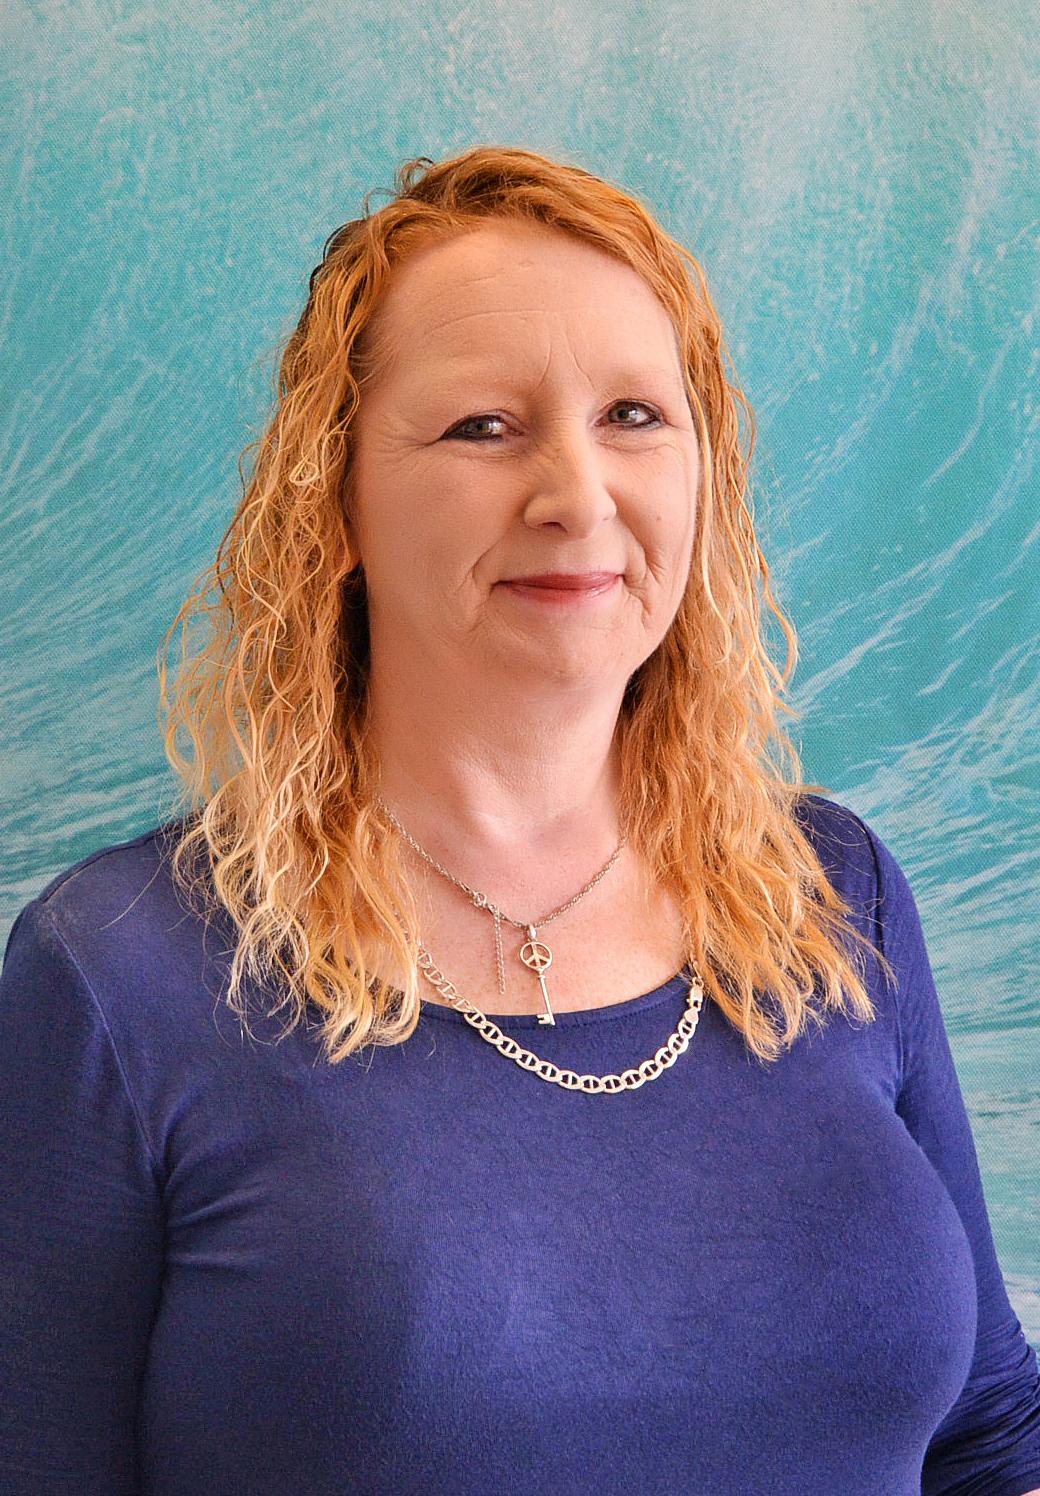 Susan J. Primiano